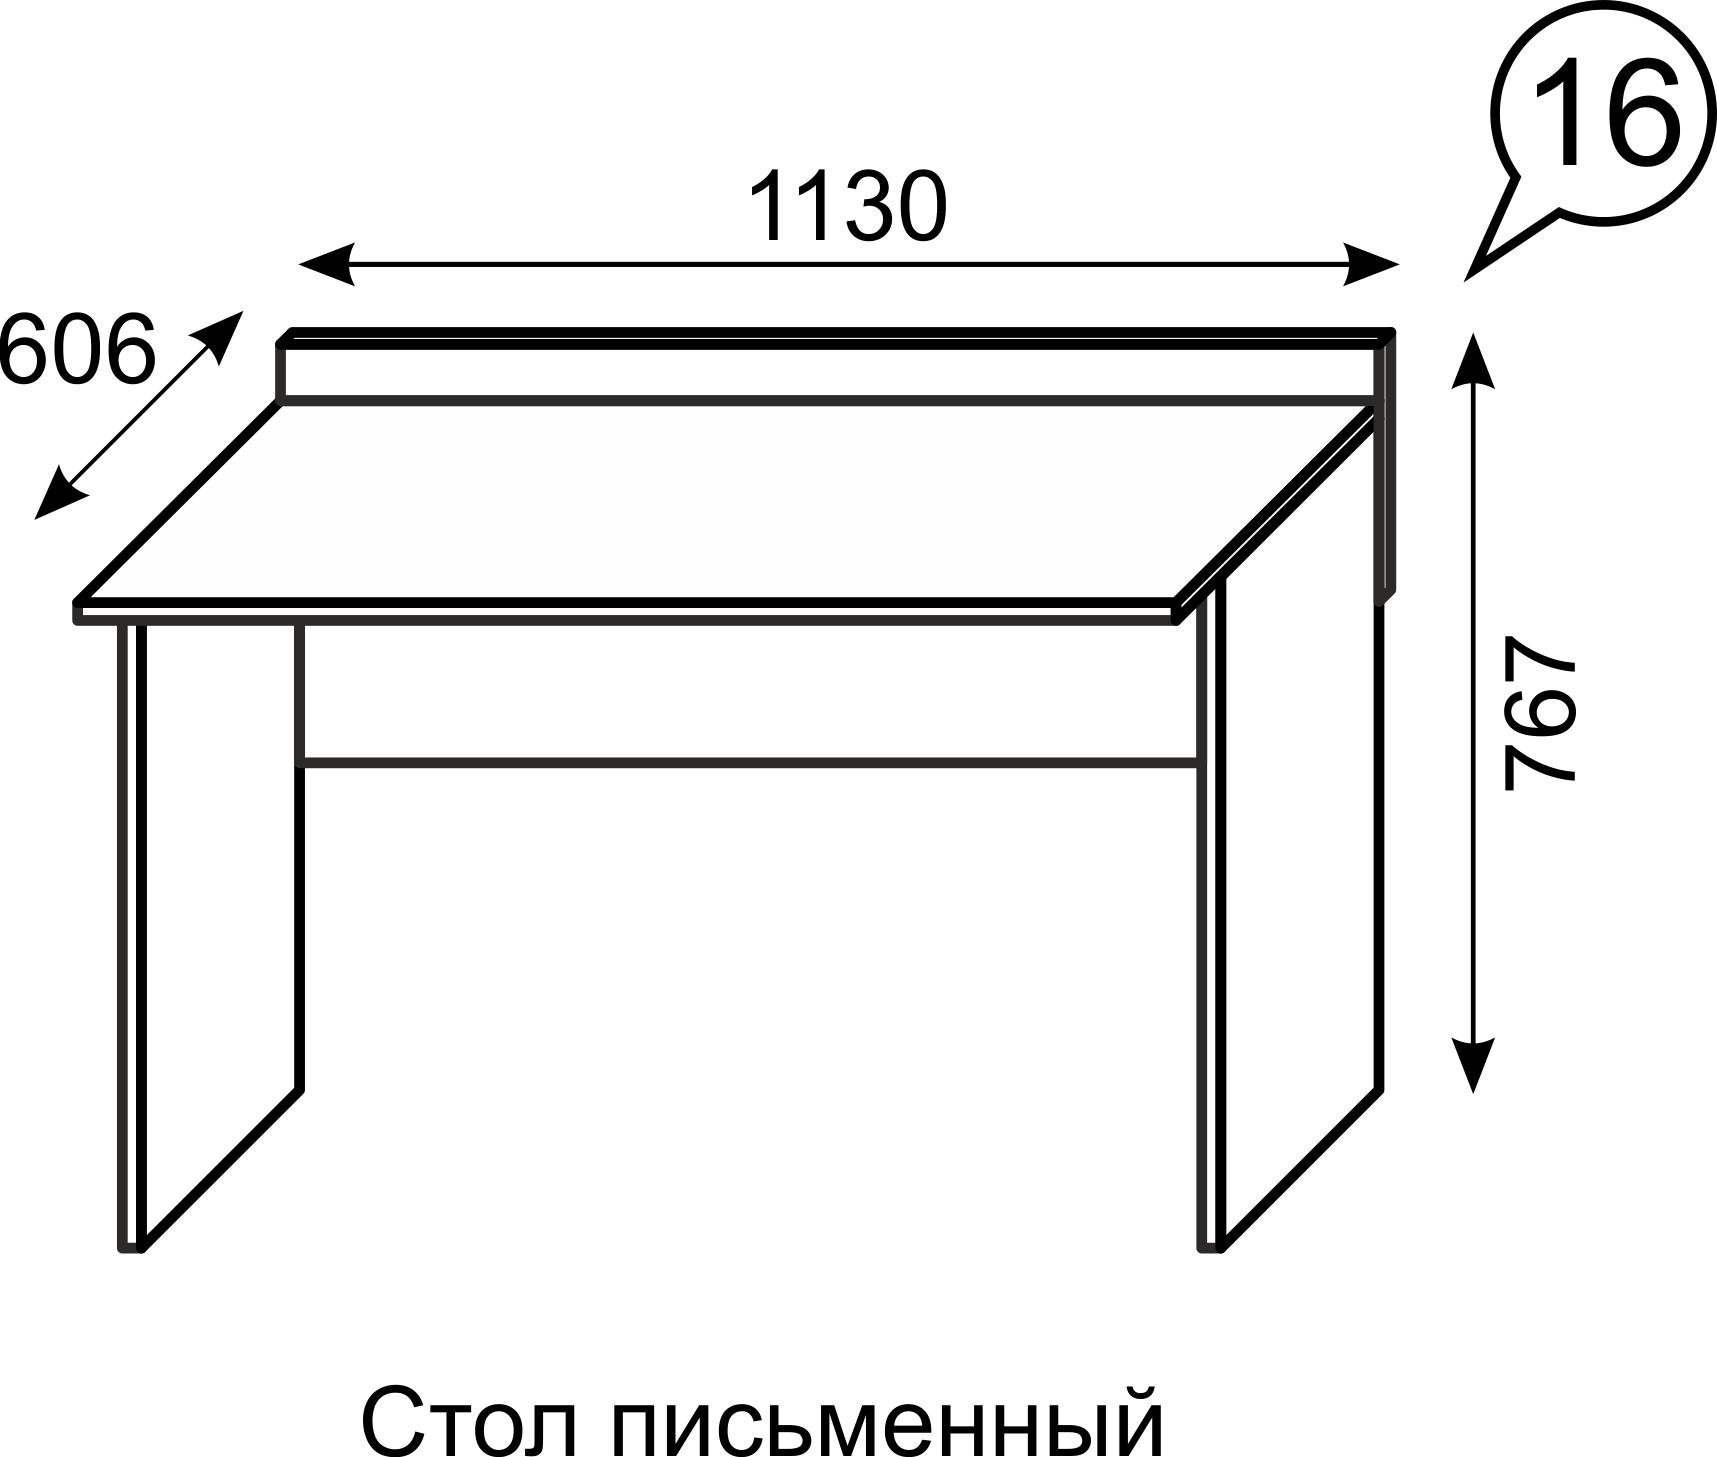 Стол письменный 16 Квест